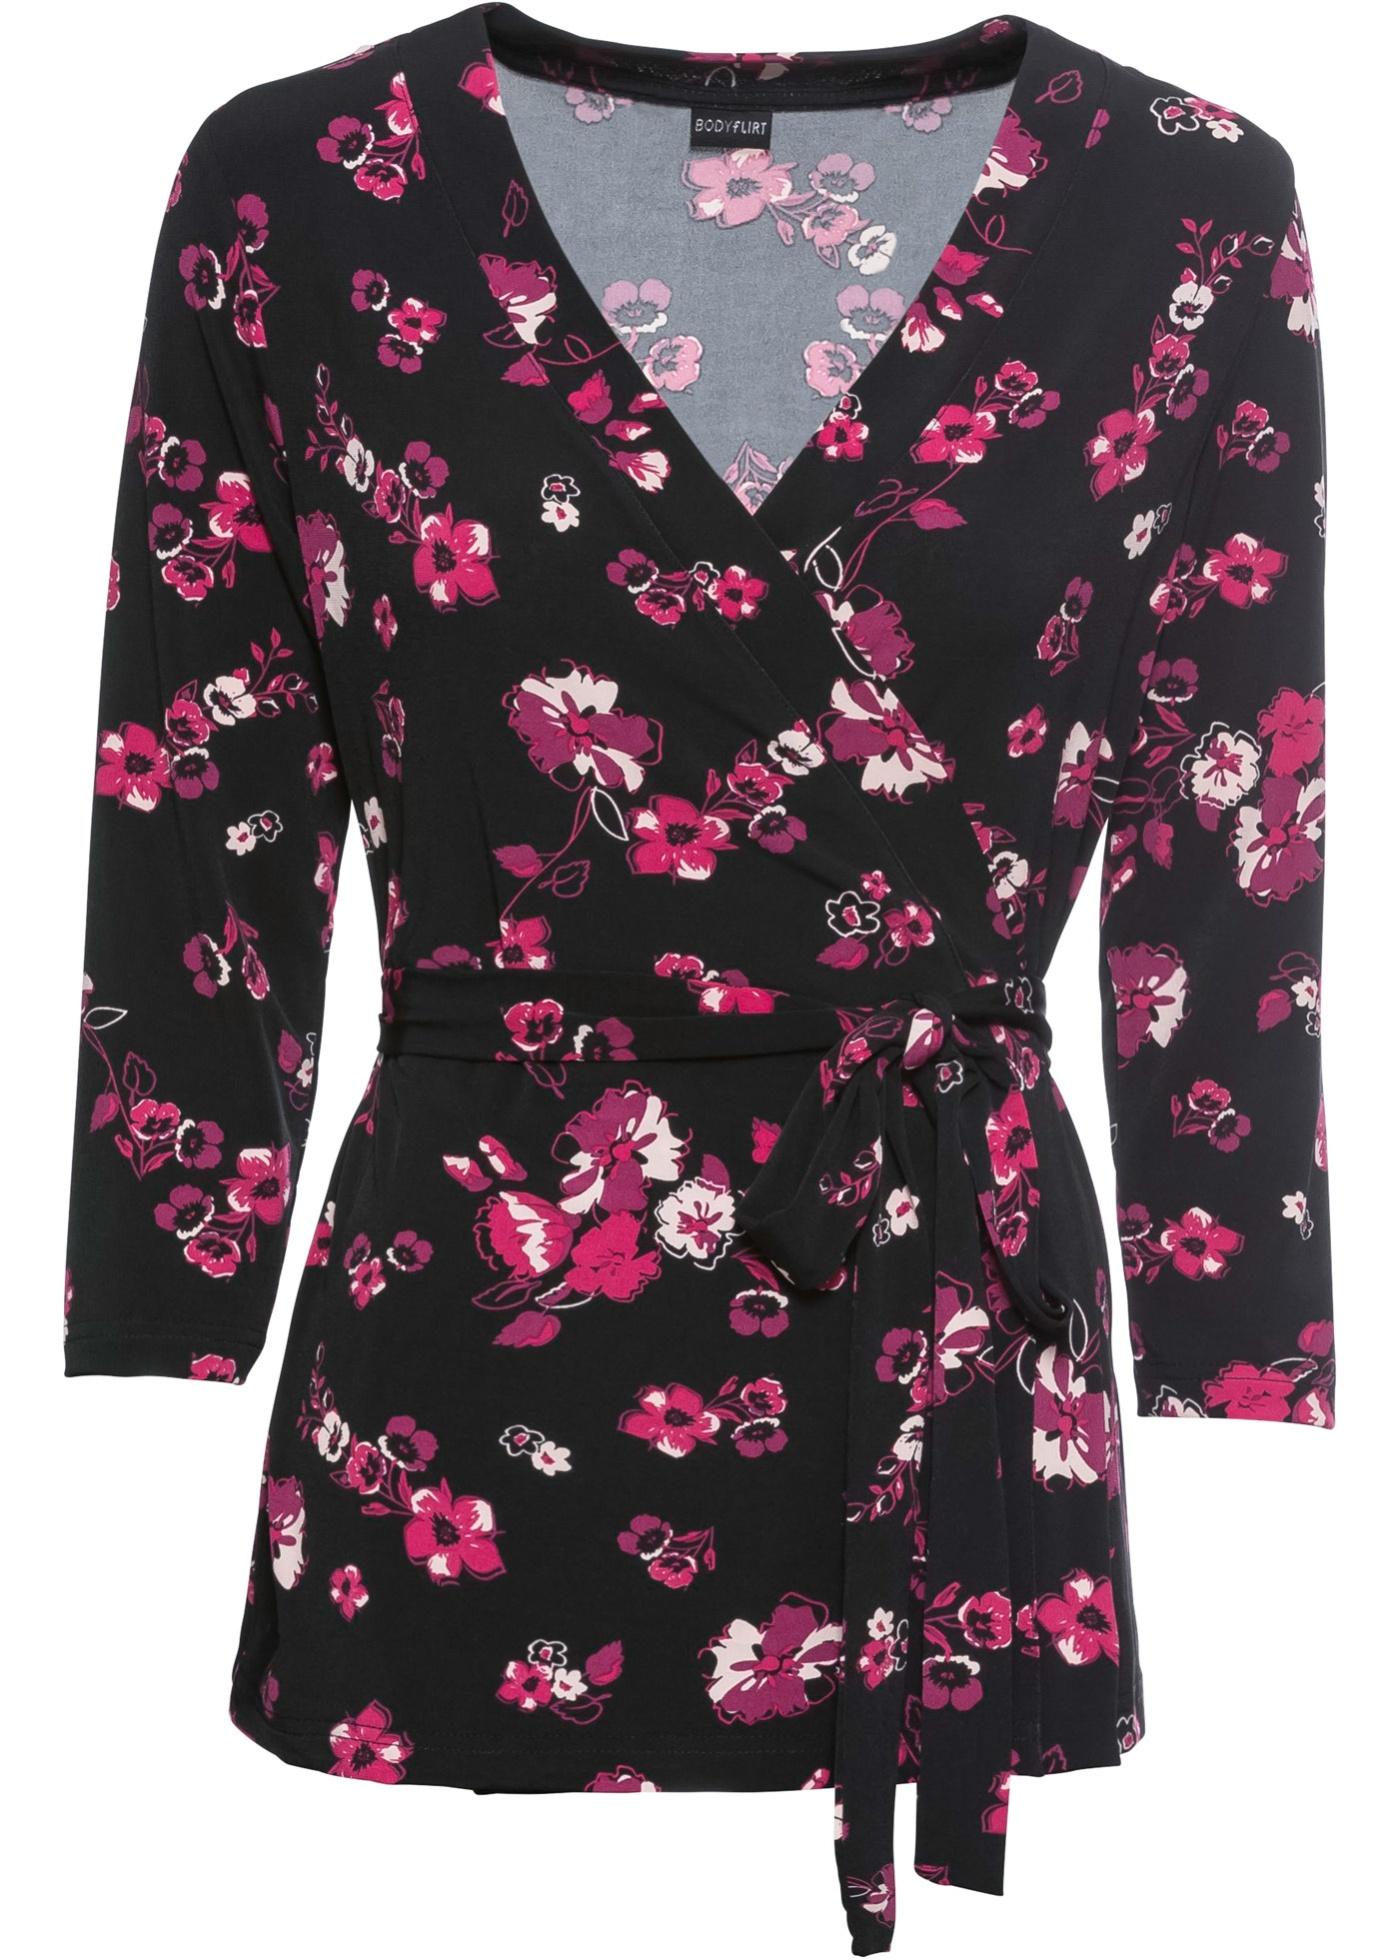 4 Pour Manches shirt 3 Bodyflirt BonprixT Femme cœur Cache Noir vbgf6IY7y